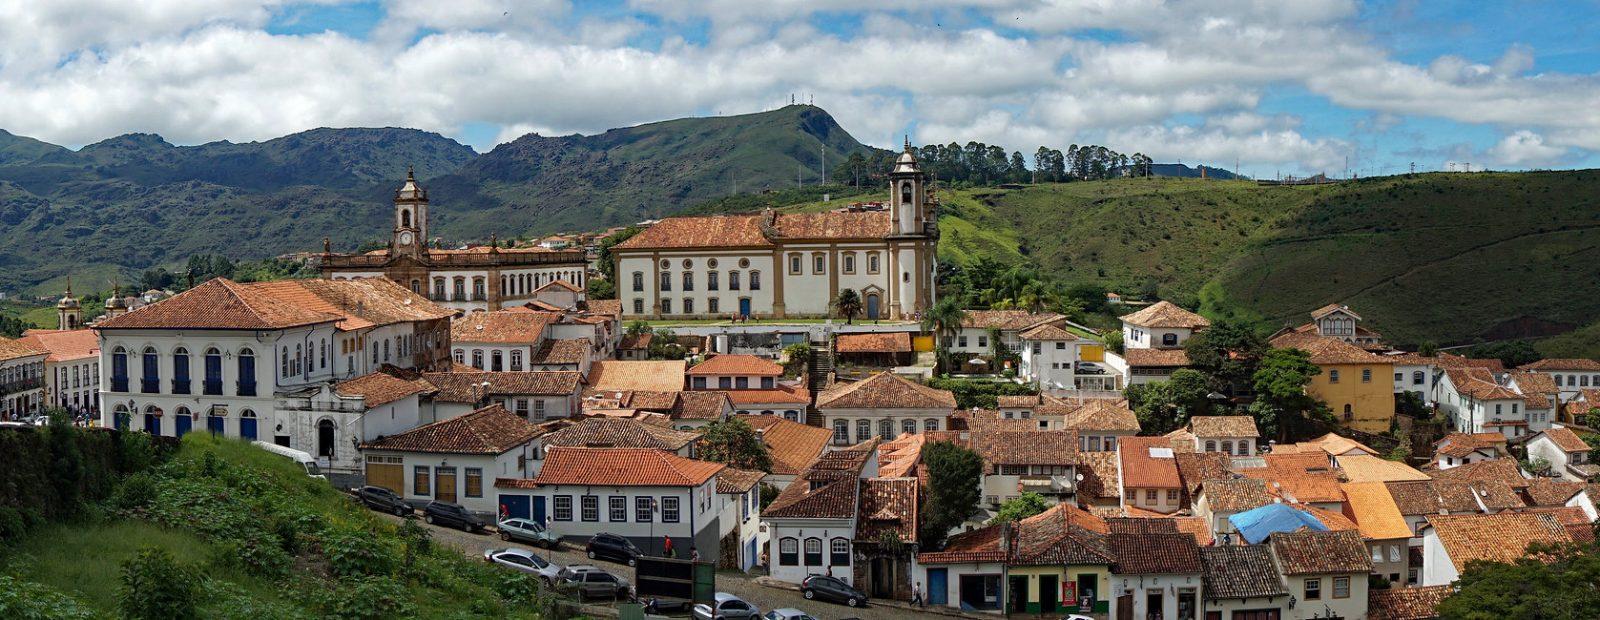 13 patrimônios culturais da humanidade que ficam no Brasil - Foto: Flikr - mariordo59